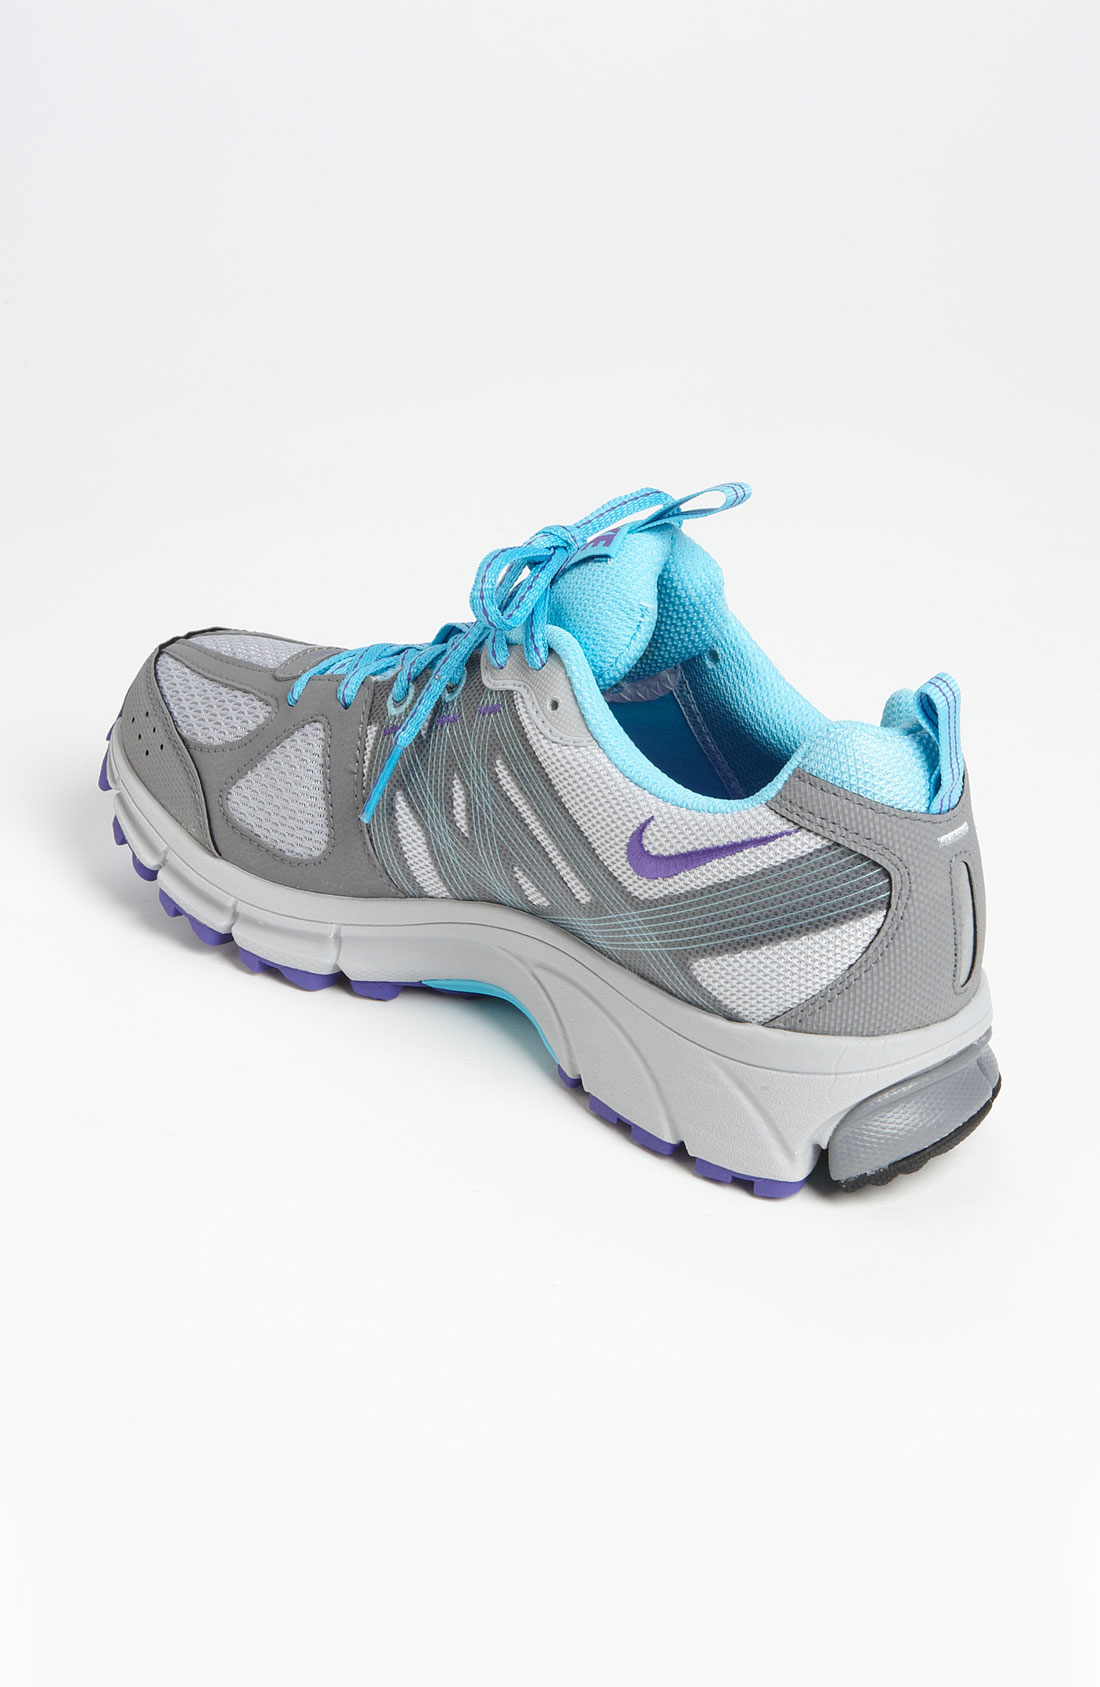 d012e7b845d4 Nike Air Pegasus+ 28 Trail - Womens Trail Shoes - Grey Yellow